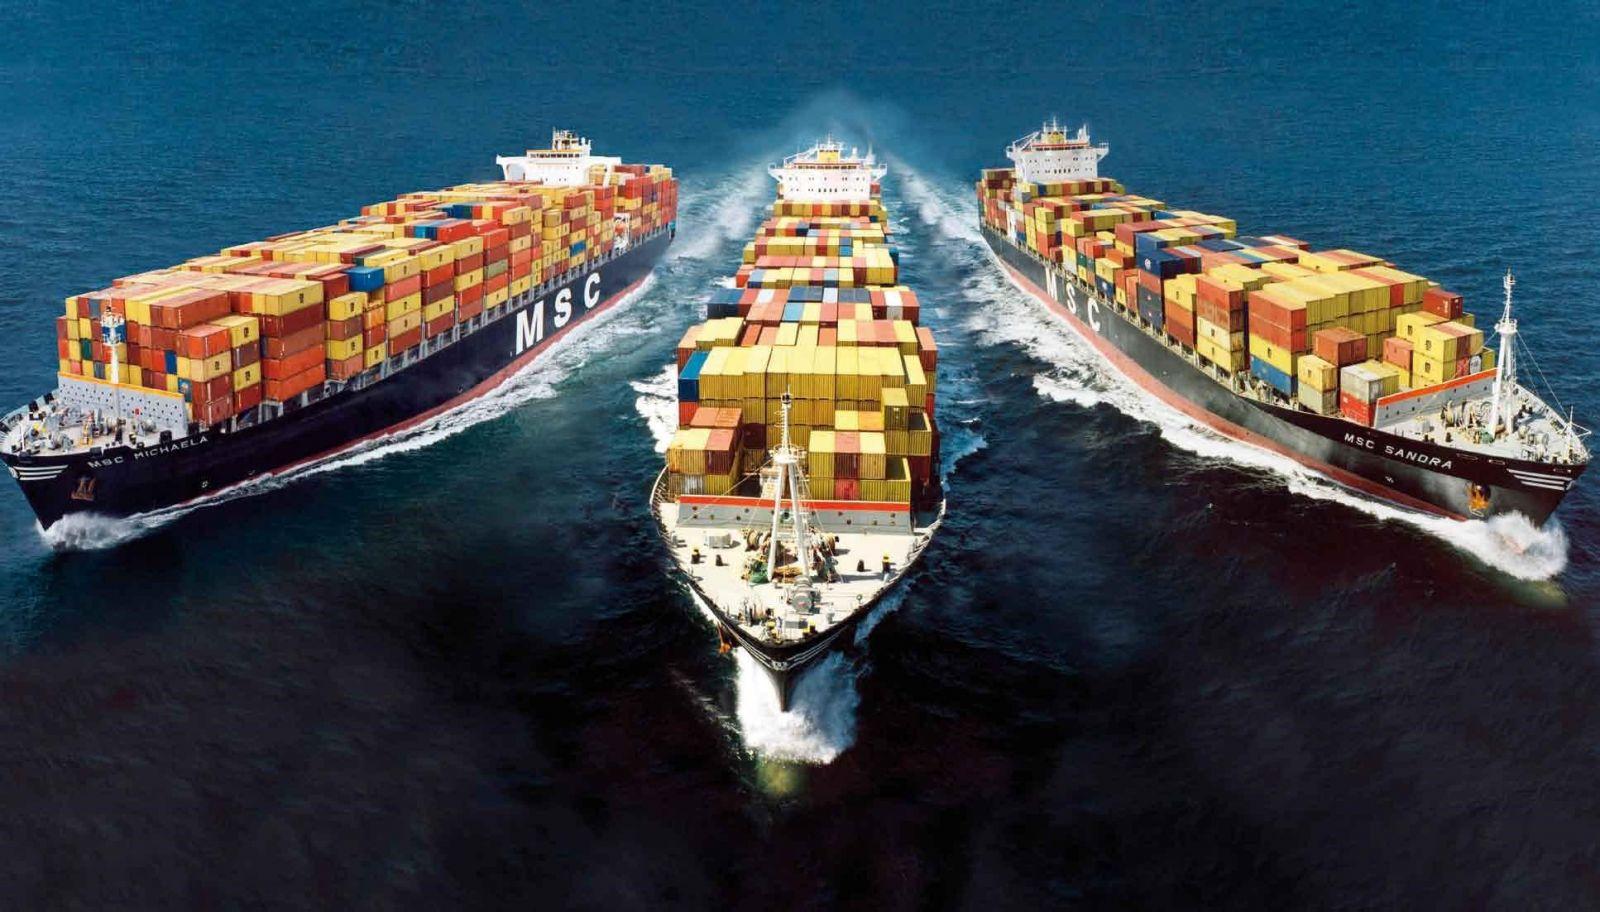 Chuyển hàng từ Châu Âu về Việt Nam bằng đường biển